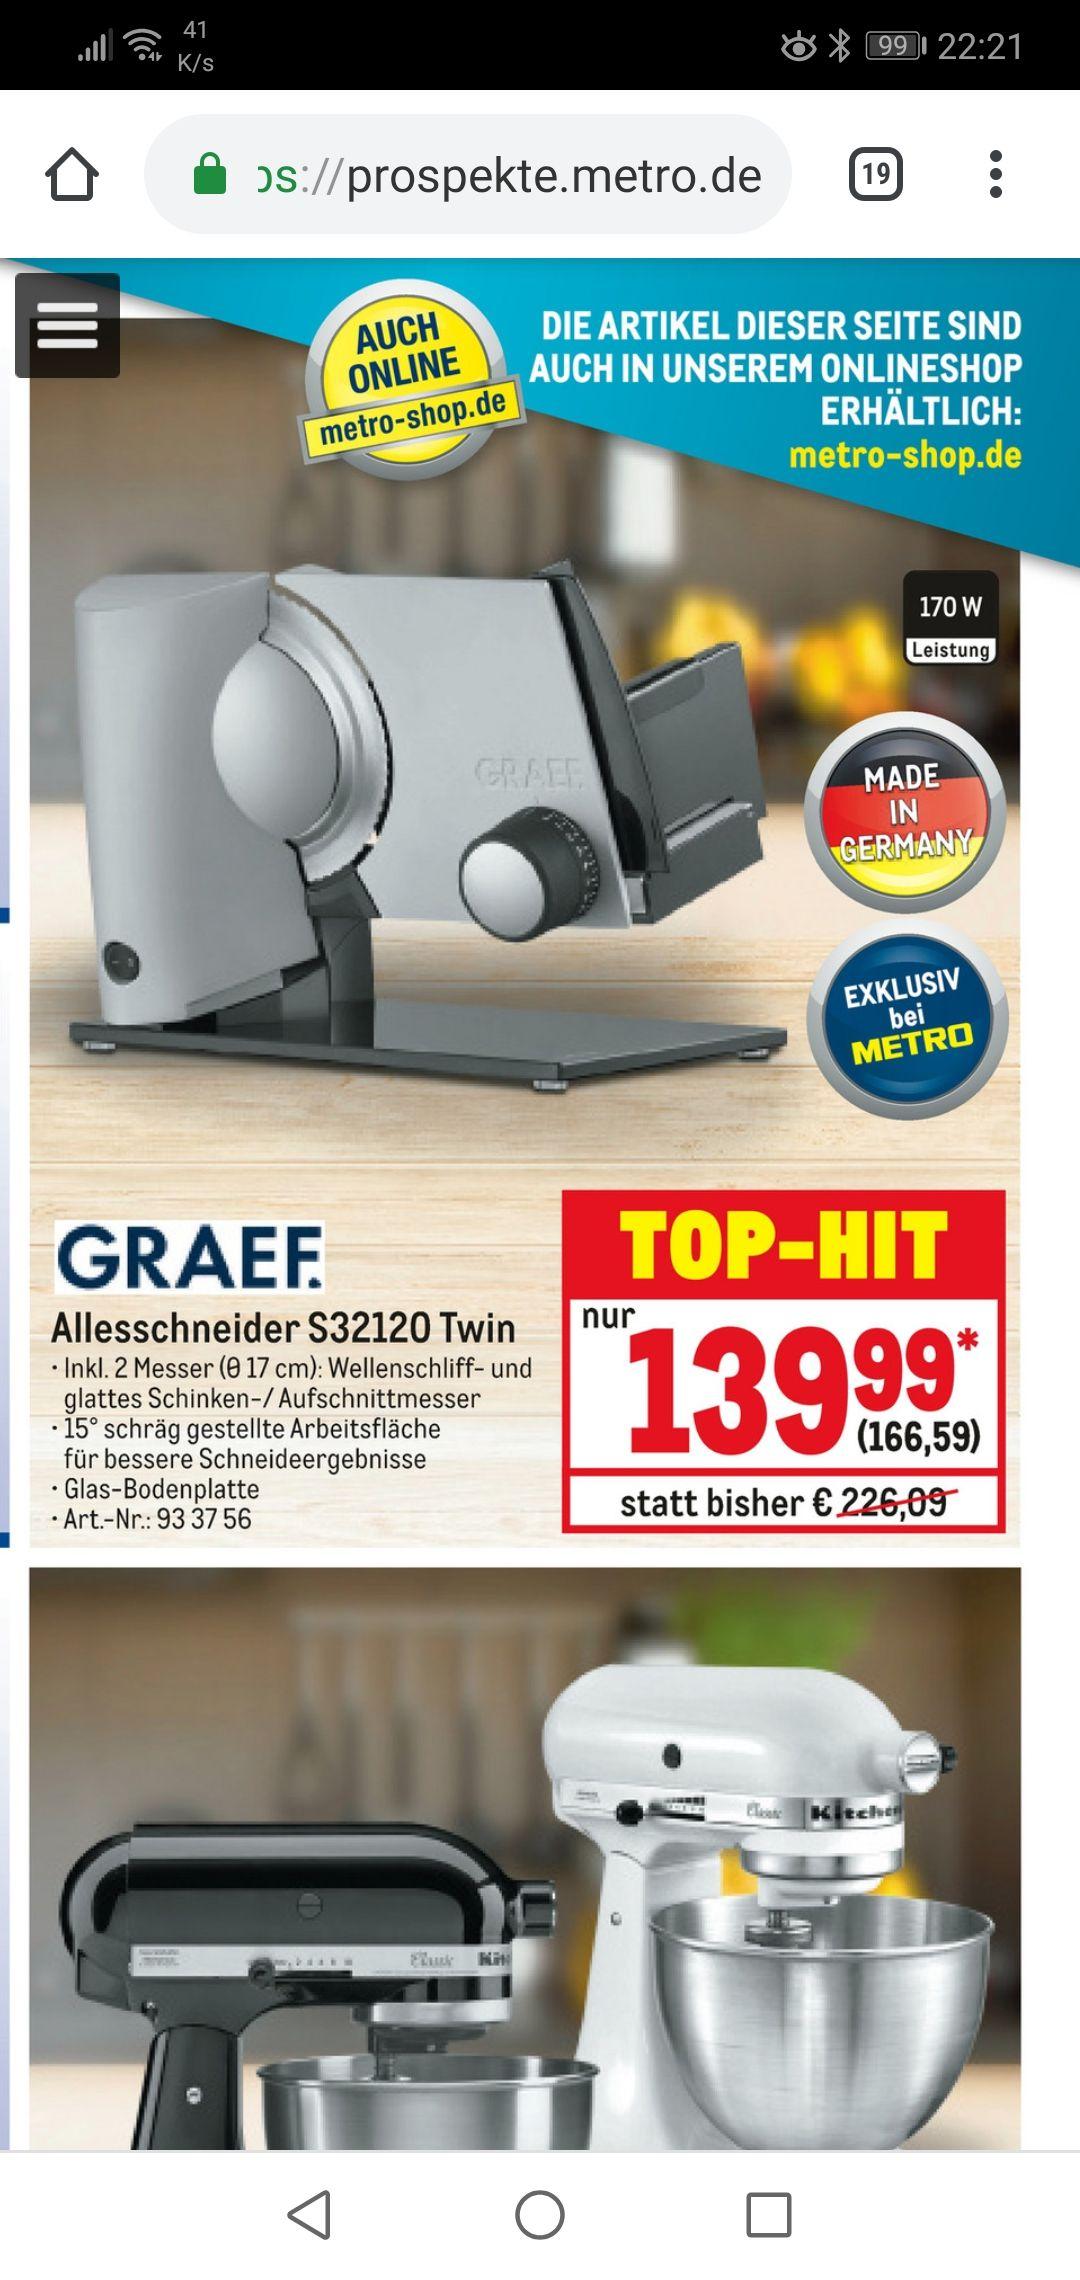 GRAEF Allesschneider S32120 Twin ähnlich Sliced Kitchen SKS300 - S32000